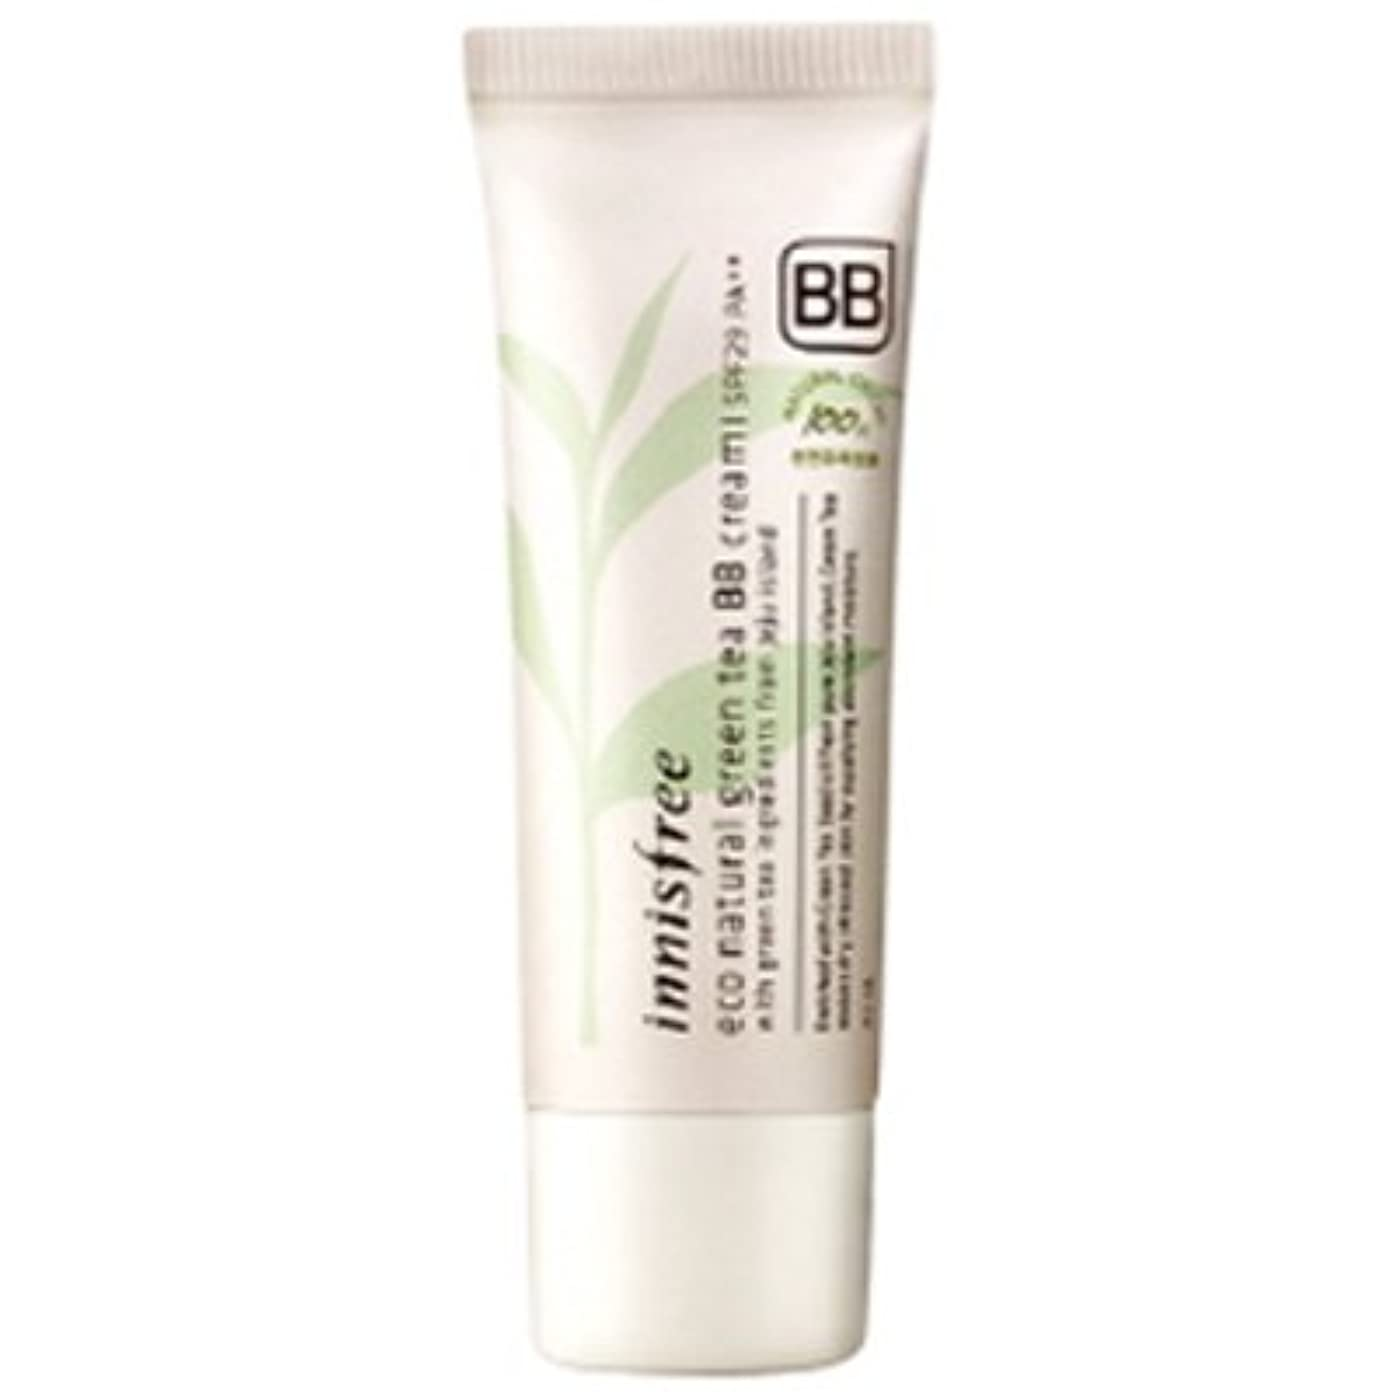 ヒント洗練食物innisfree(イニスフリー) Eco natural green tea BB cream エコ ナチュラル グリーン ティー BB クリーム SPF29/PA++ 40ml #1:ライトベージュ